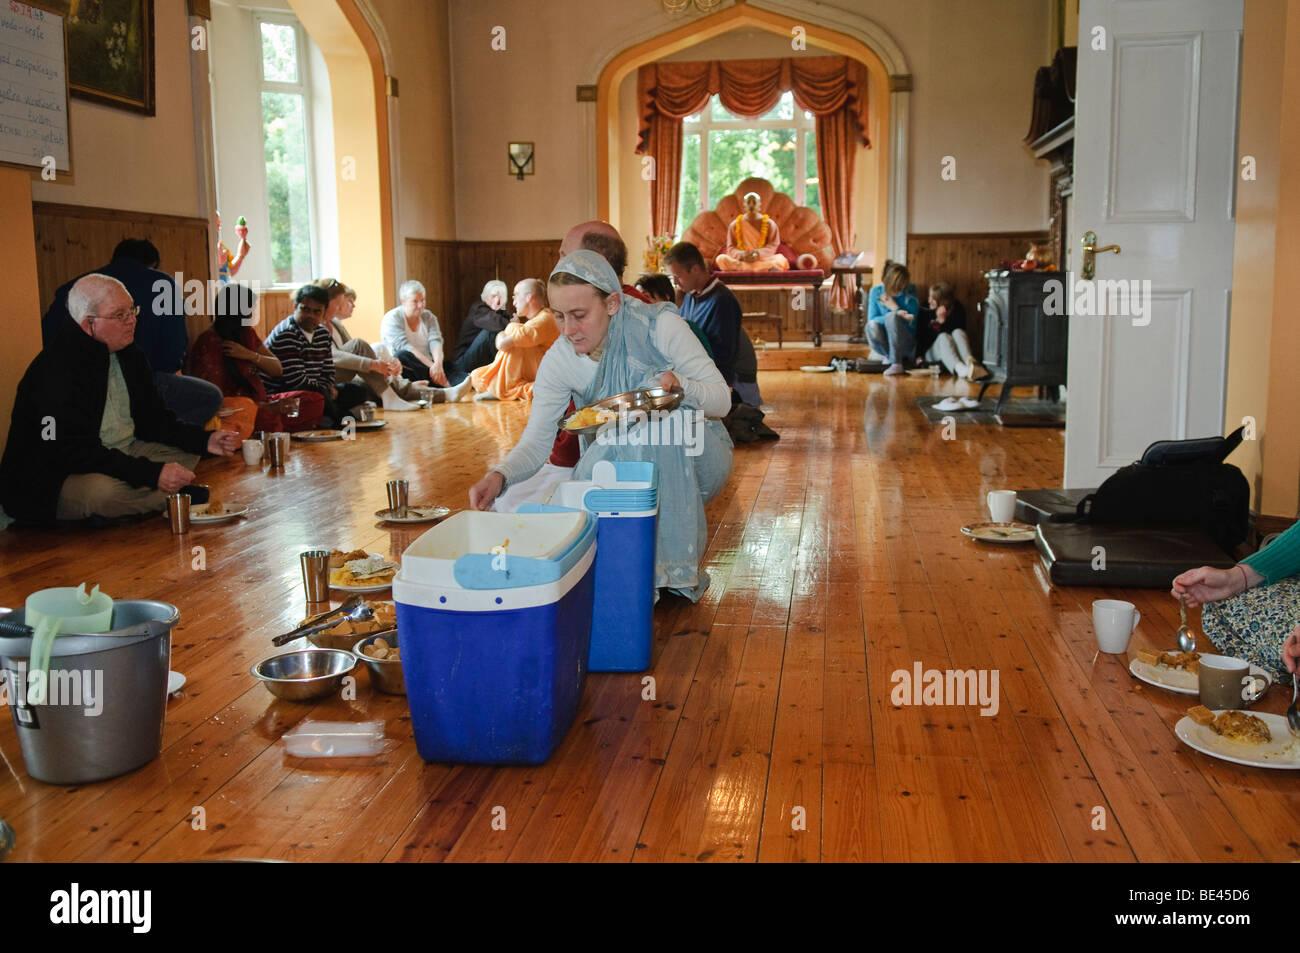 Schüler und Besucher ein vegetarisches fest an einem Hare-Krishna-Tempel-Raum Essen Stockfoto